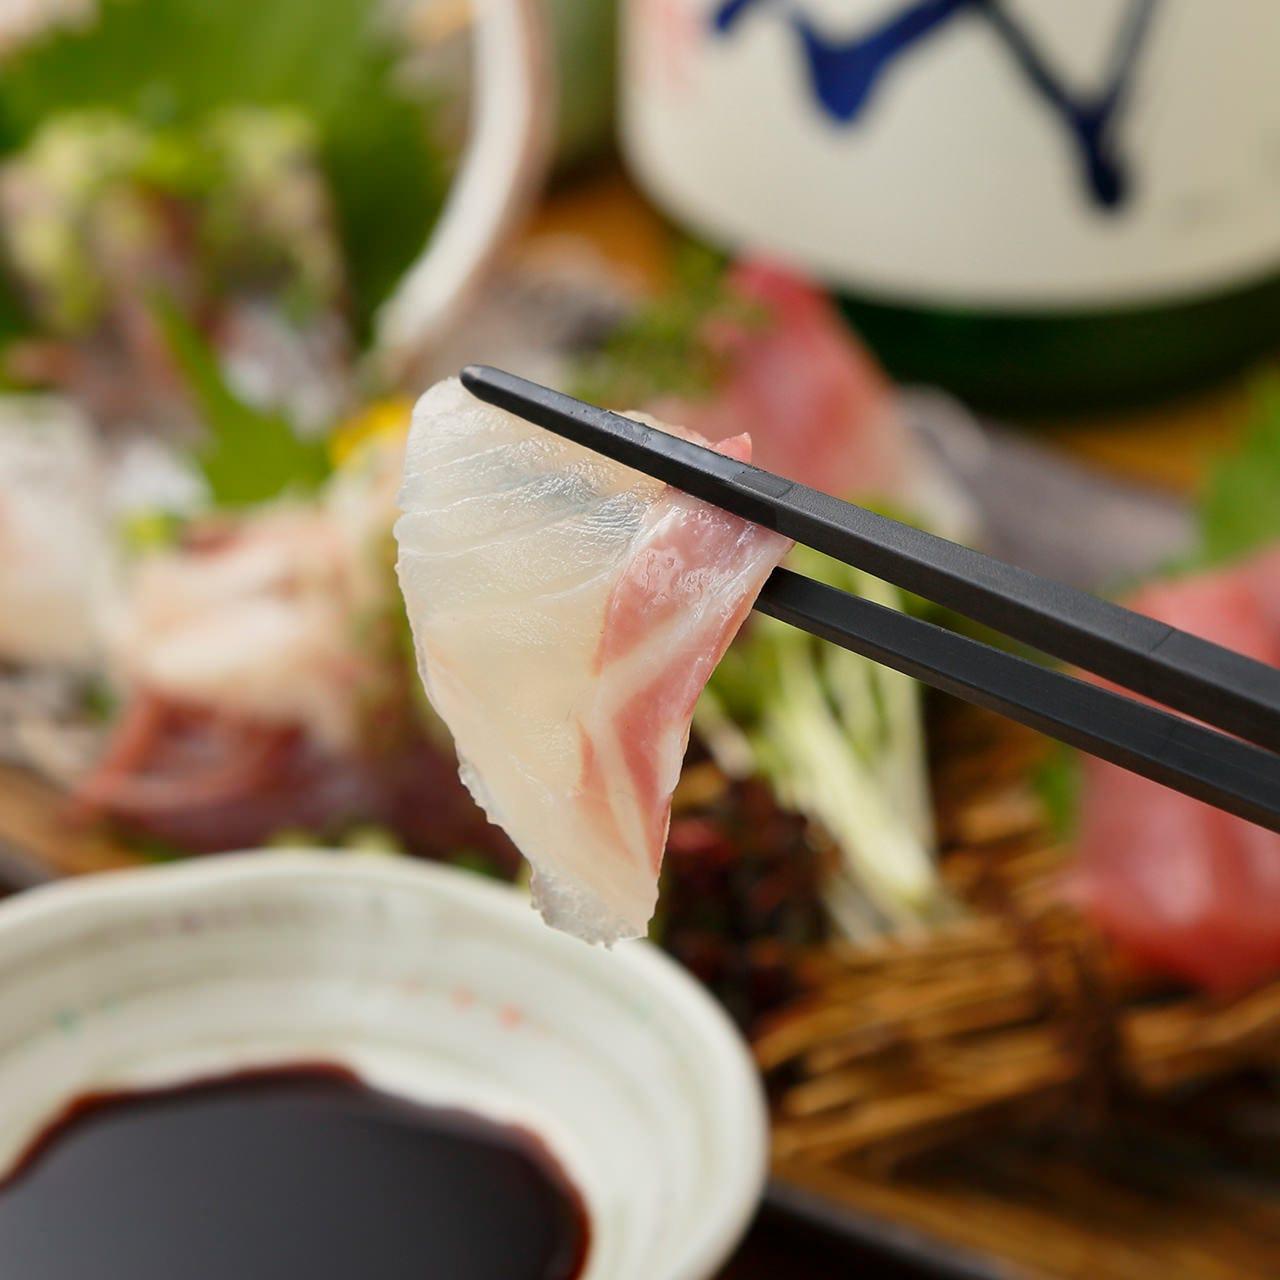 身が引き締まった旬魚で季節を感じる贅沢を思う存分味わって